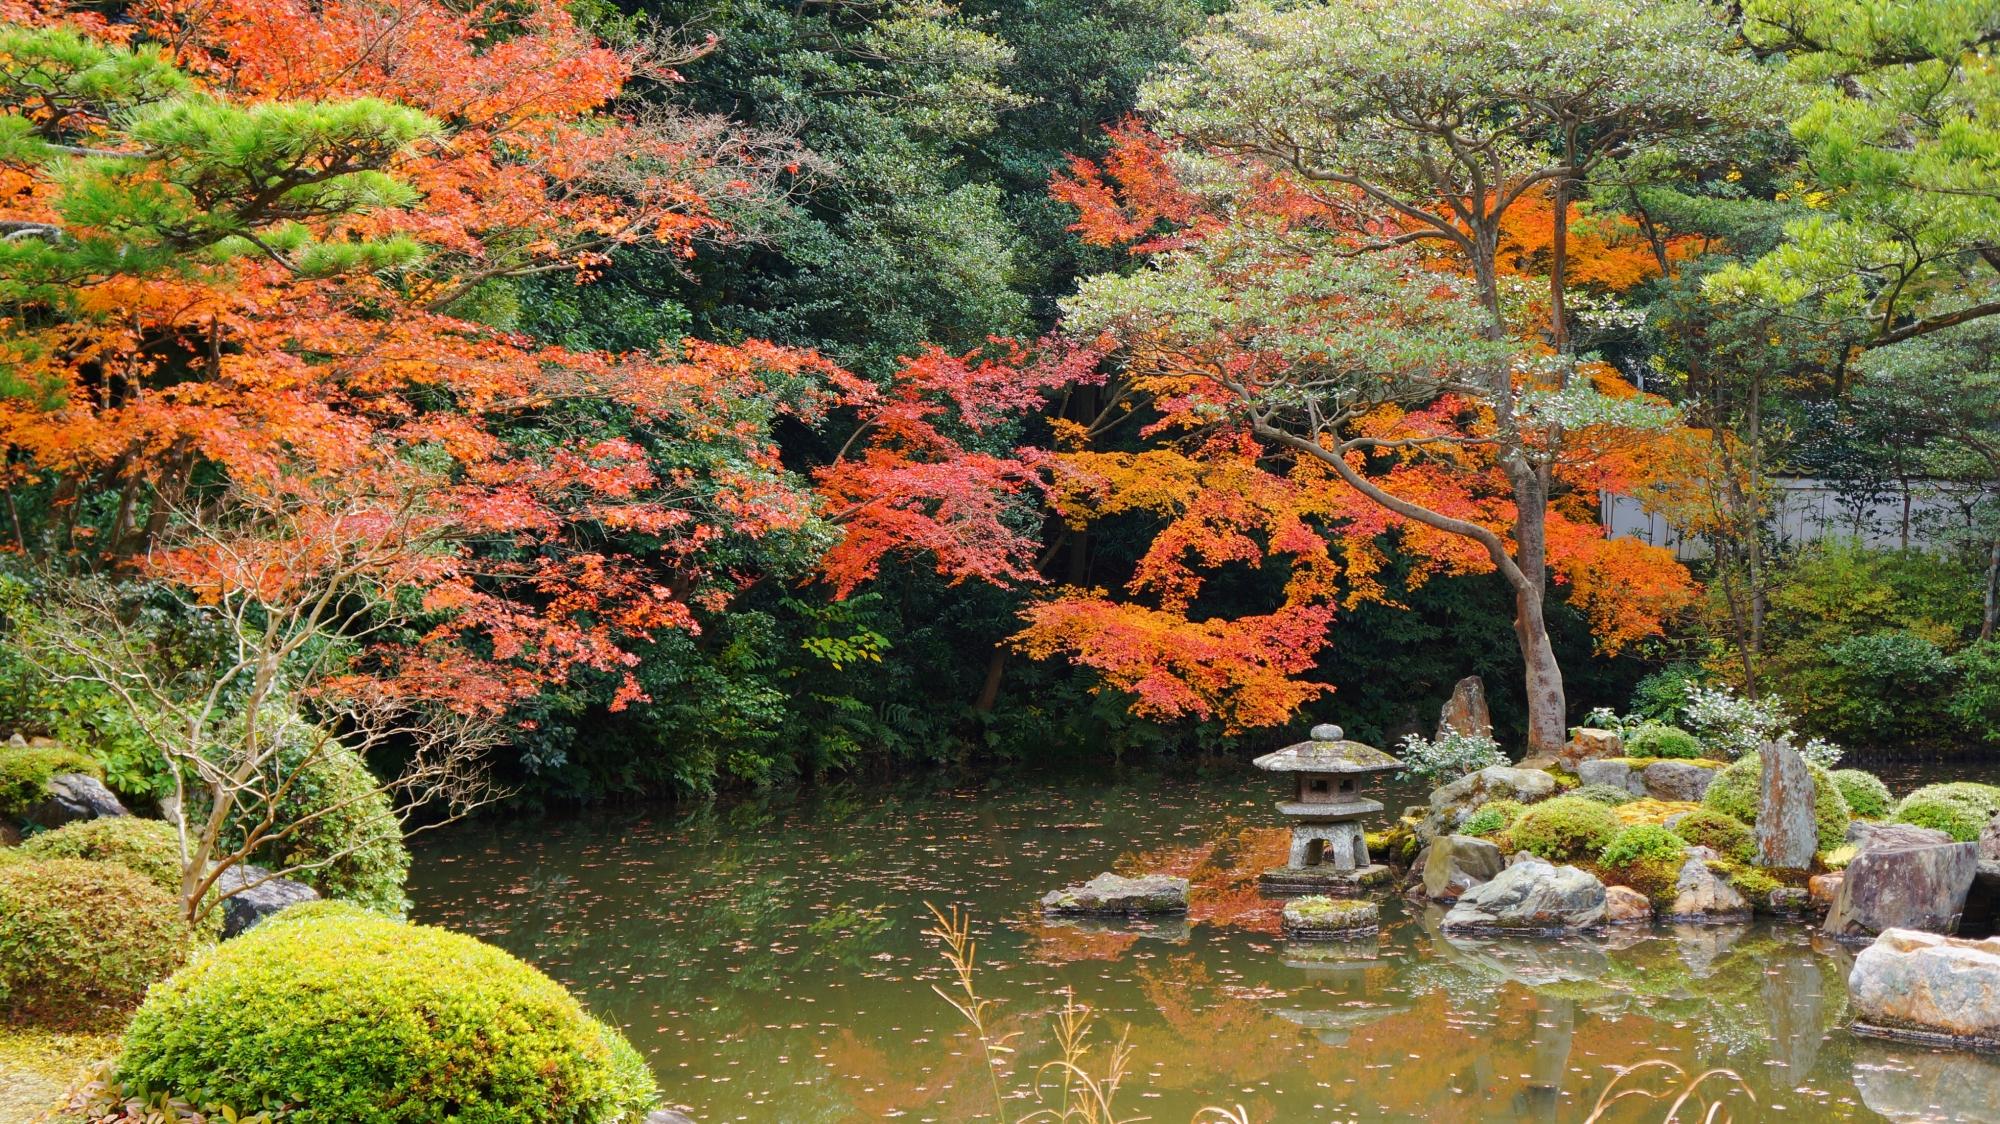 知恩院方丈庭園の水辺を華やぐ多彩な紅葉